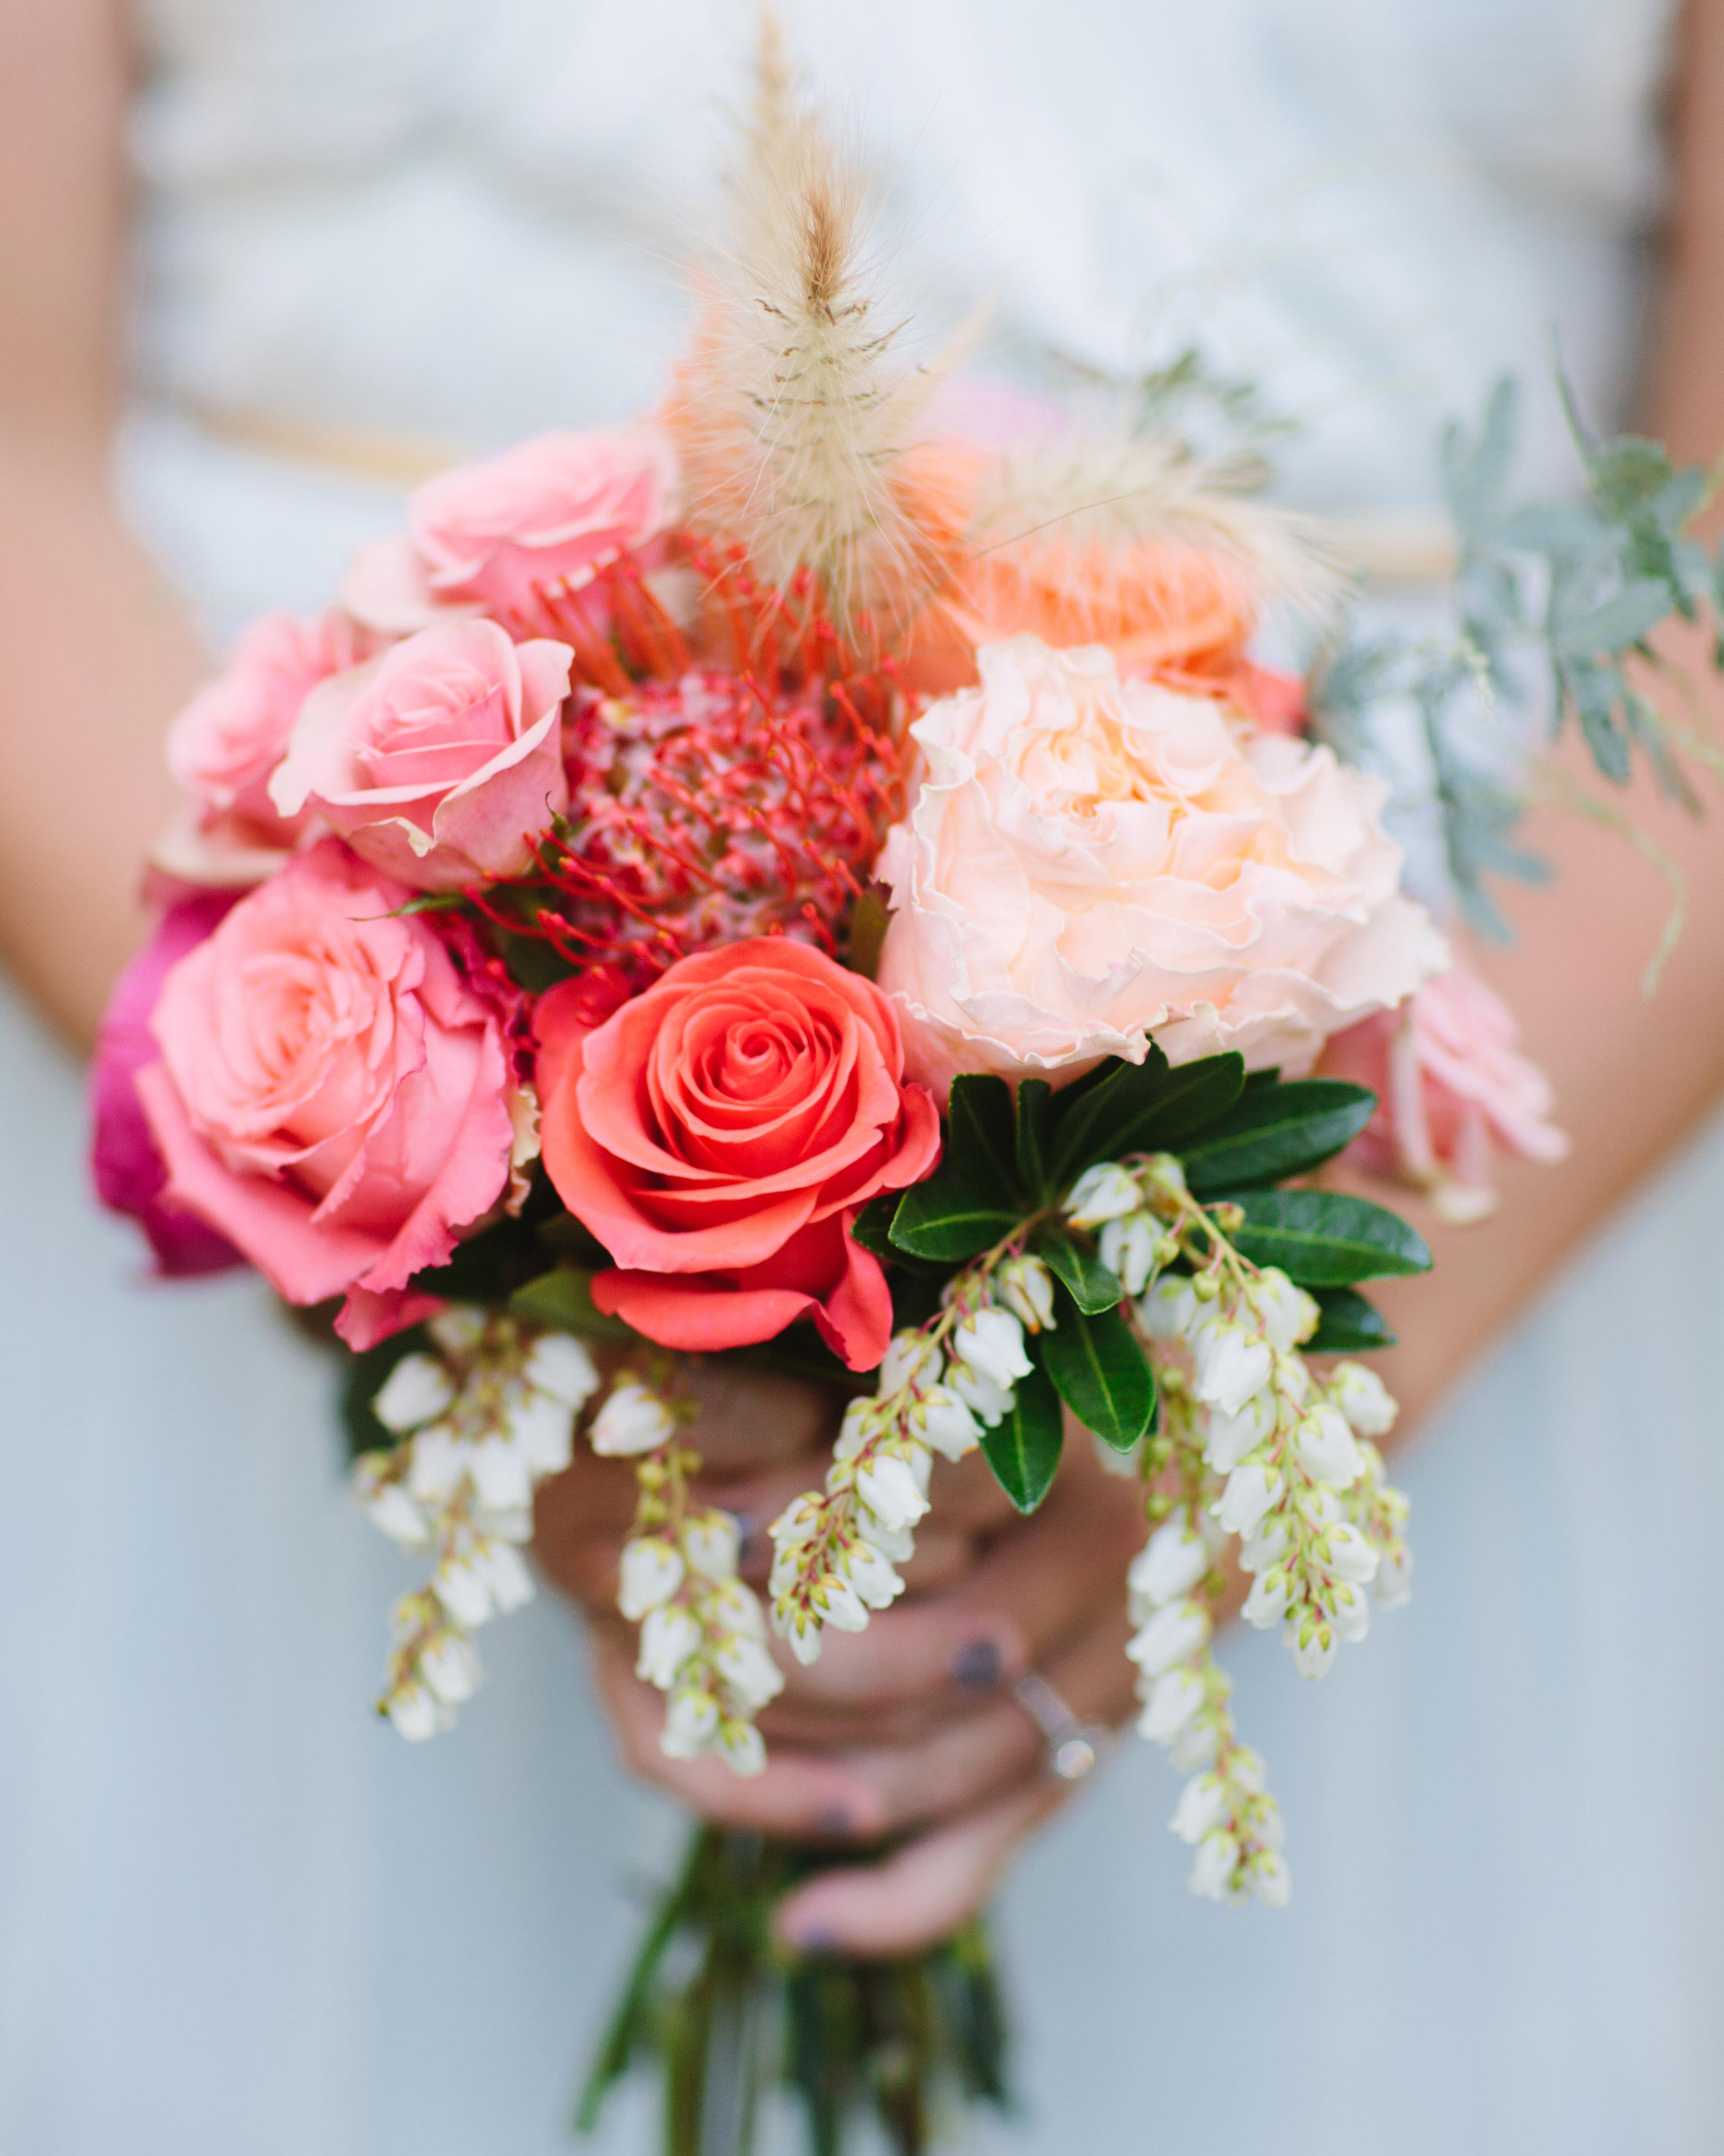 gina-craig-wedding-bouquet2-0514.jpg